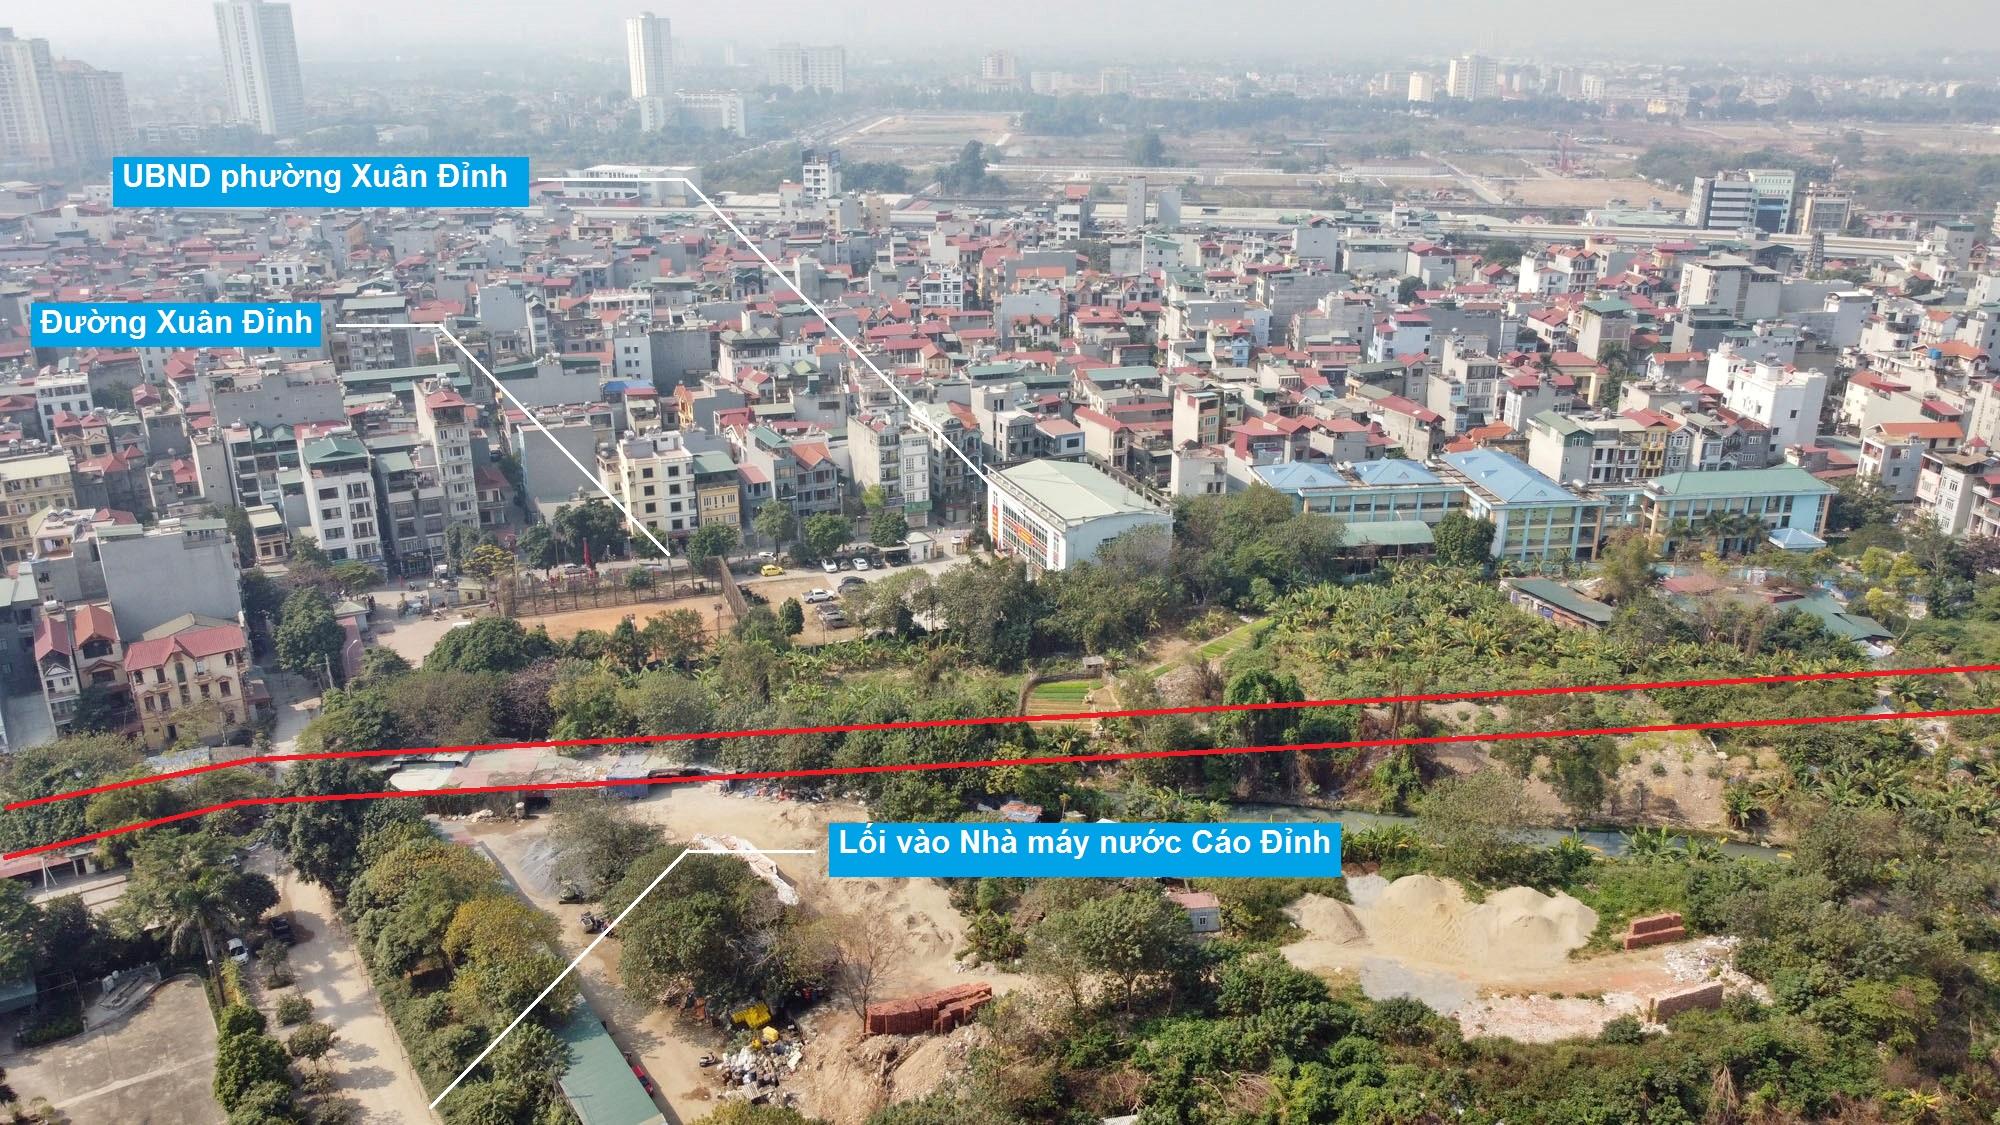 Ba đường sẽ mở theo qui hoạch ở phường Xuân Đỉnh, Bắc Từ Liêm, Hà Nội (phần 2) - Ảnh 8.